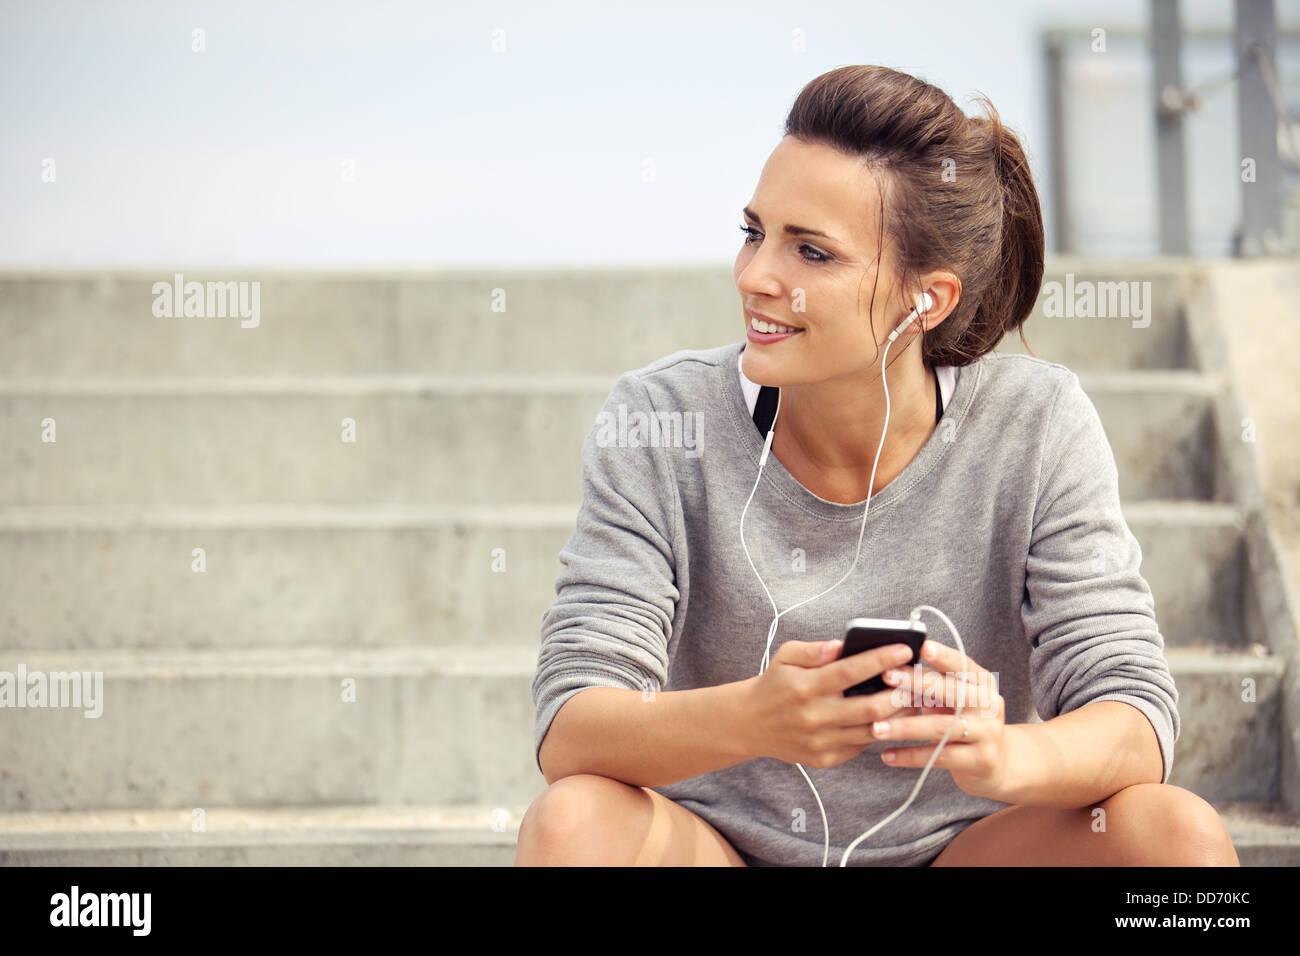 Feliz atleta atractivo sentarse y escuchar música mp3 mientras descansa Foto de stock